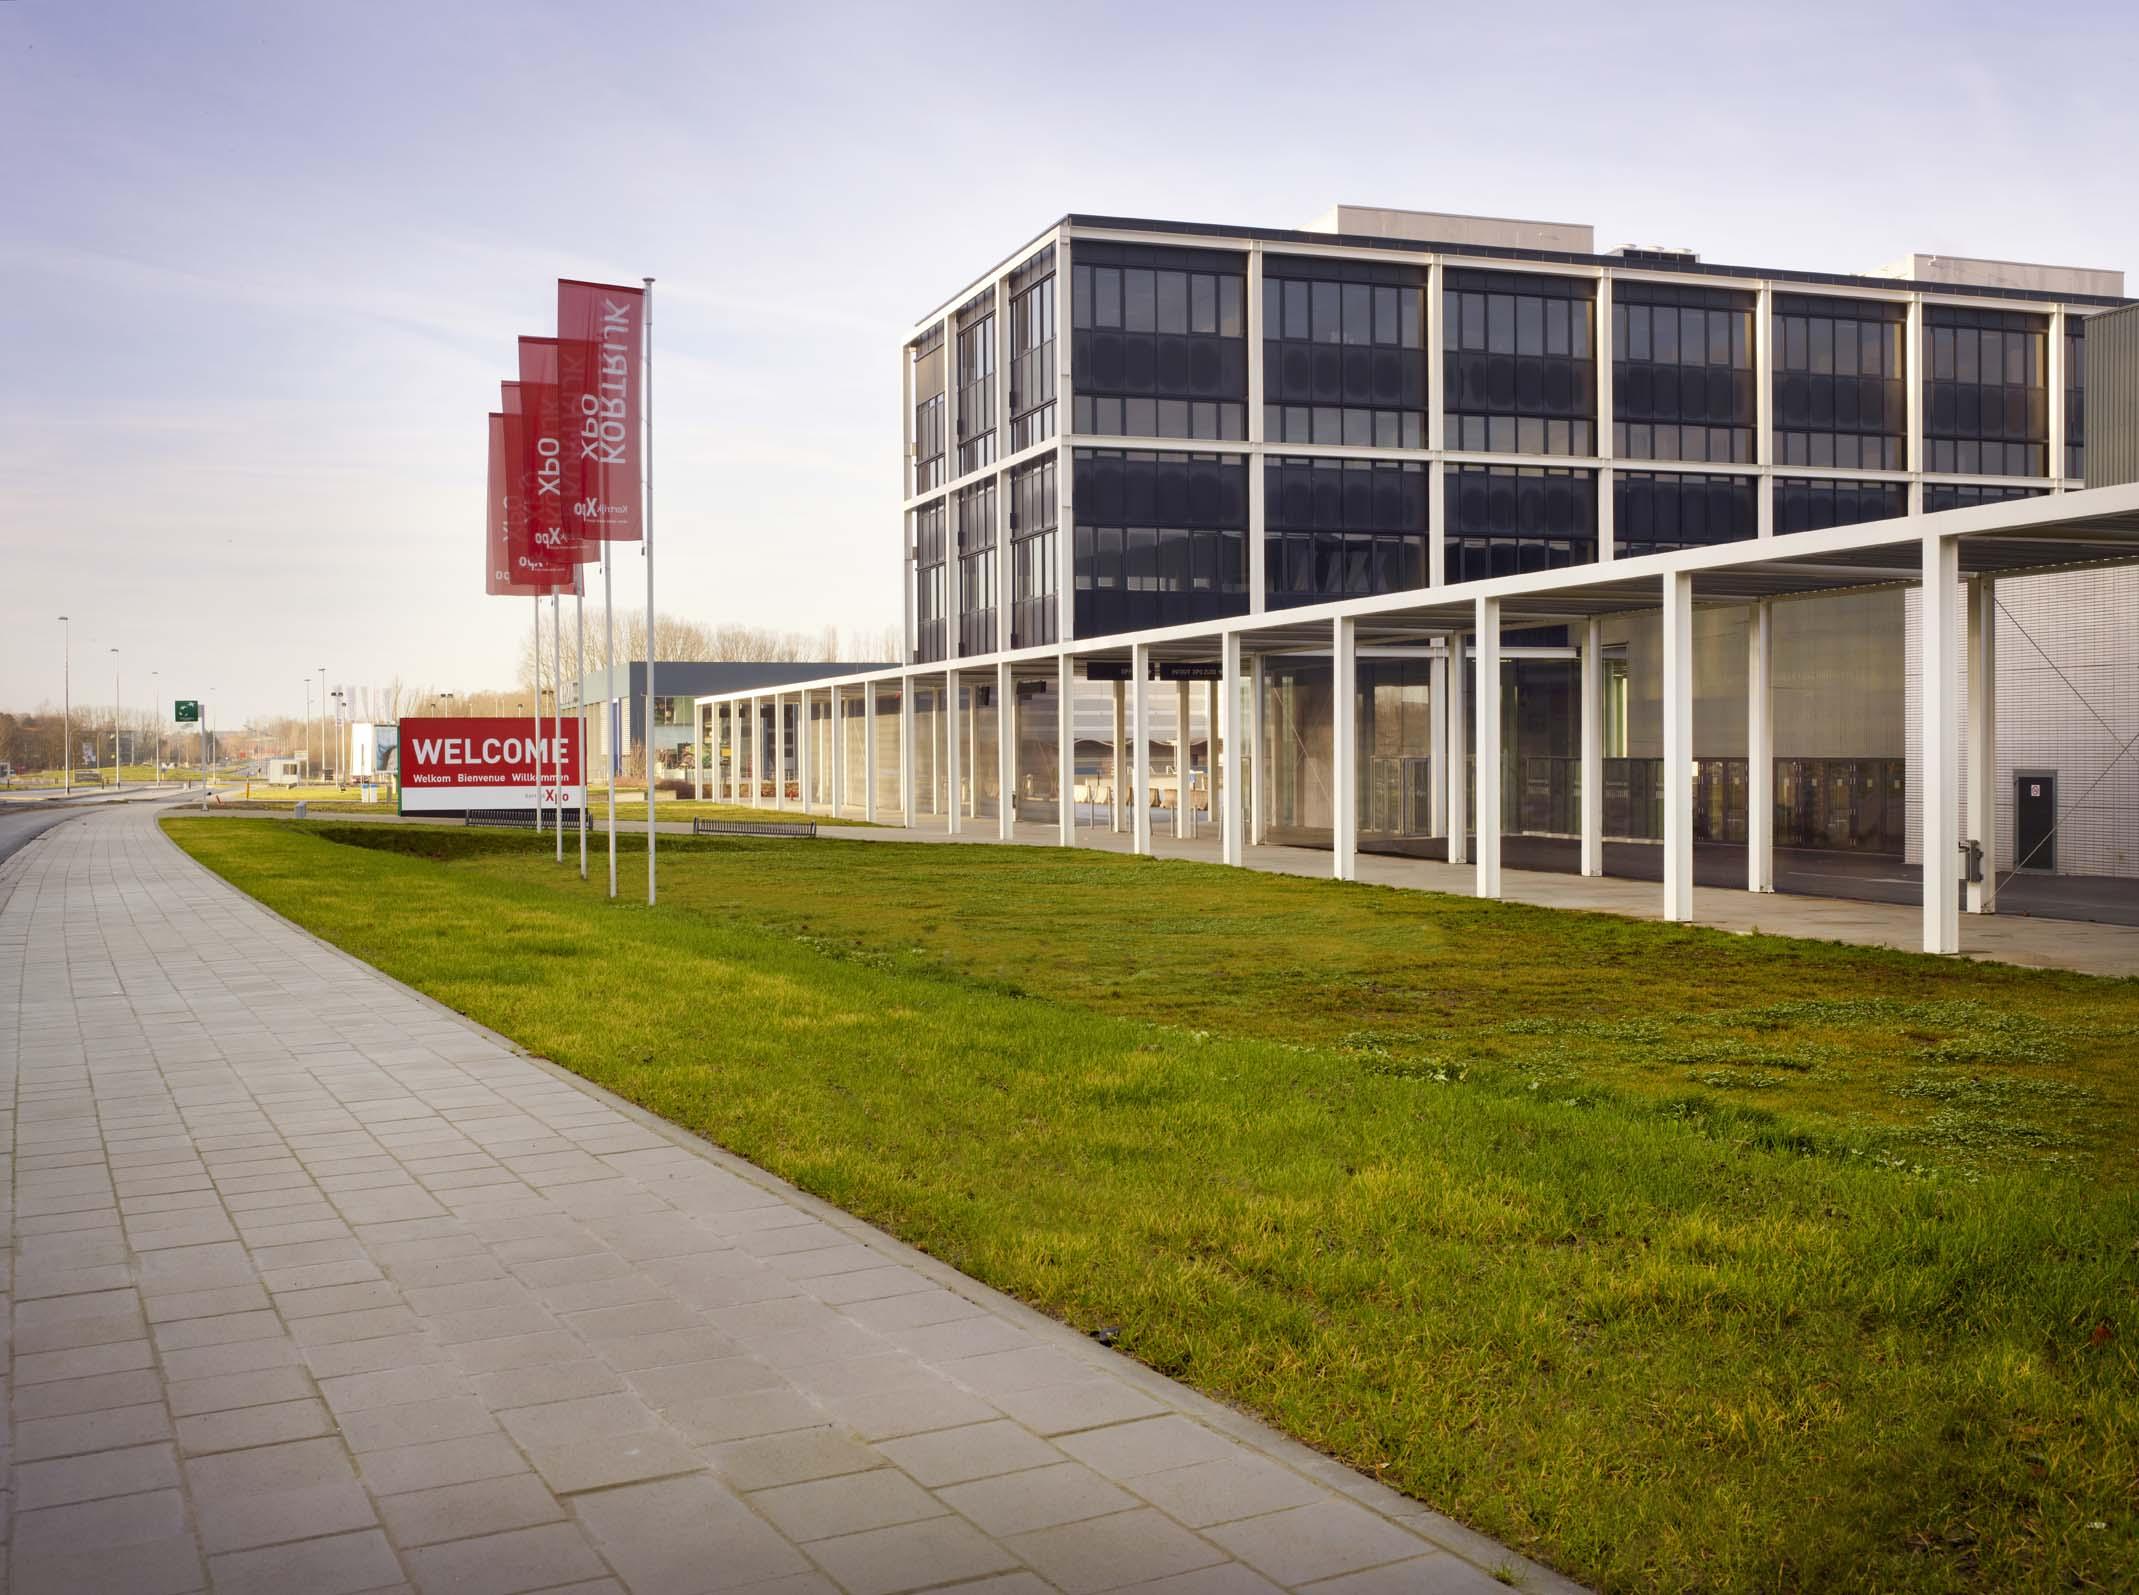 Krotrijk Xpo building in Belgium